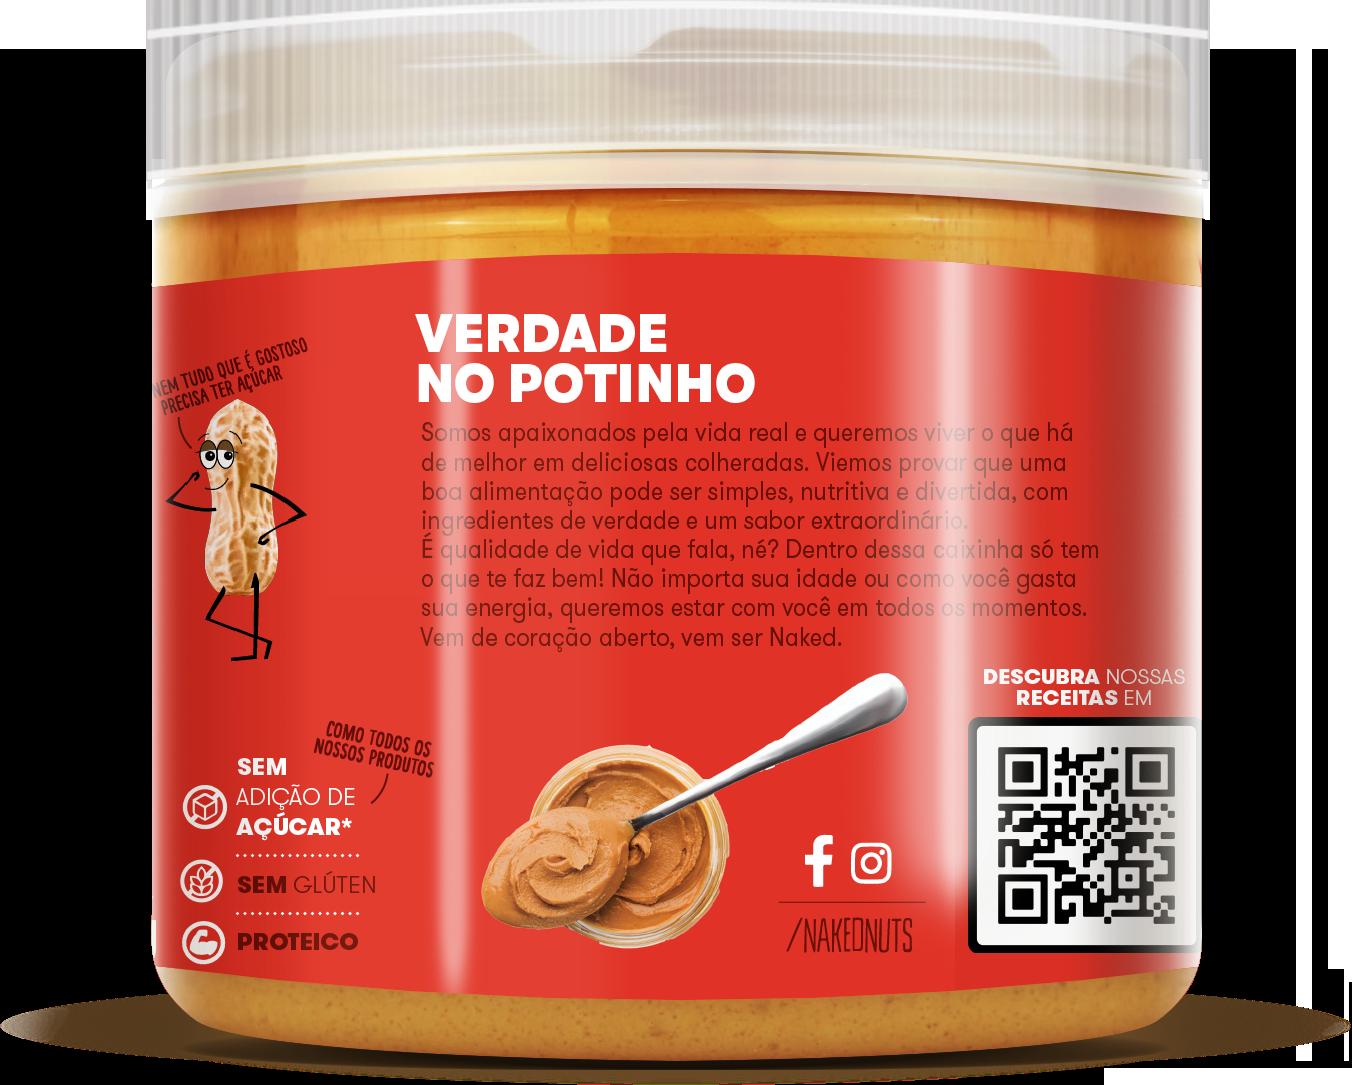 PASTA DE AMENDOIM COM WAFER DE CHOCOLATE 450G NAKED NUTS